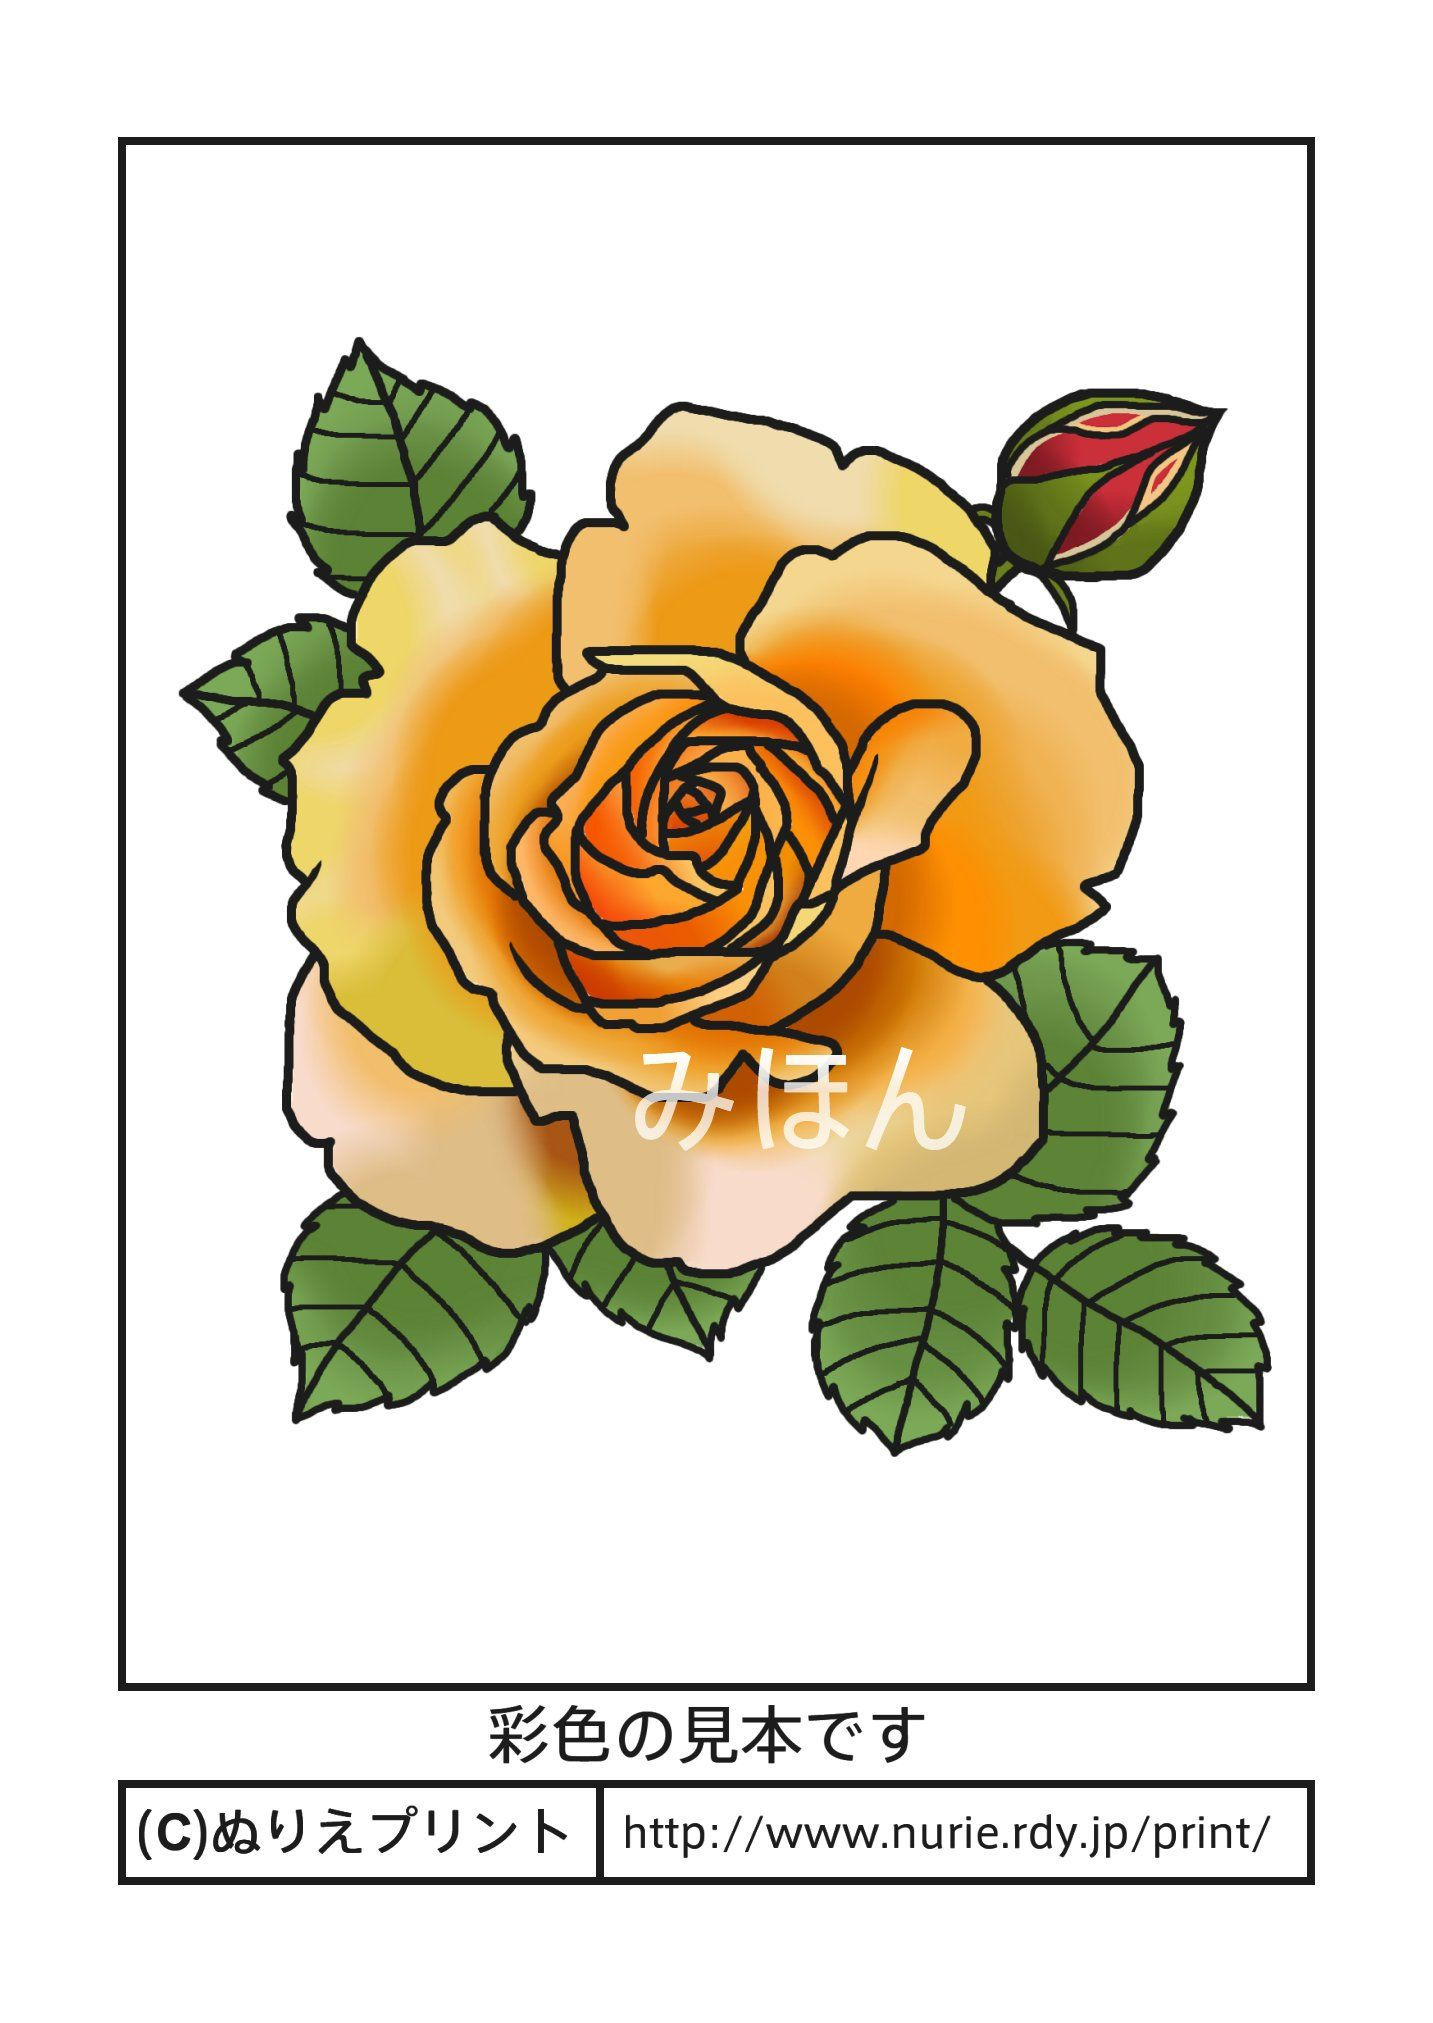 バラ5彩色見本花の塗り絵無料イラストぬりえプリント A Design